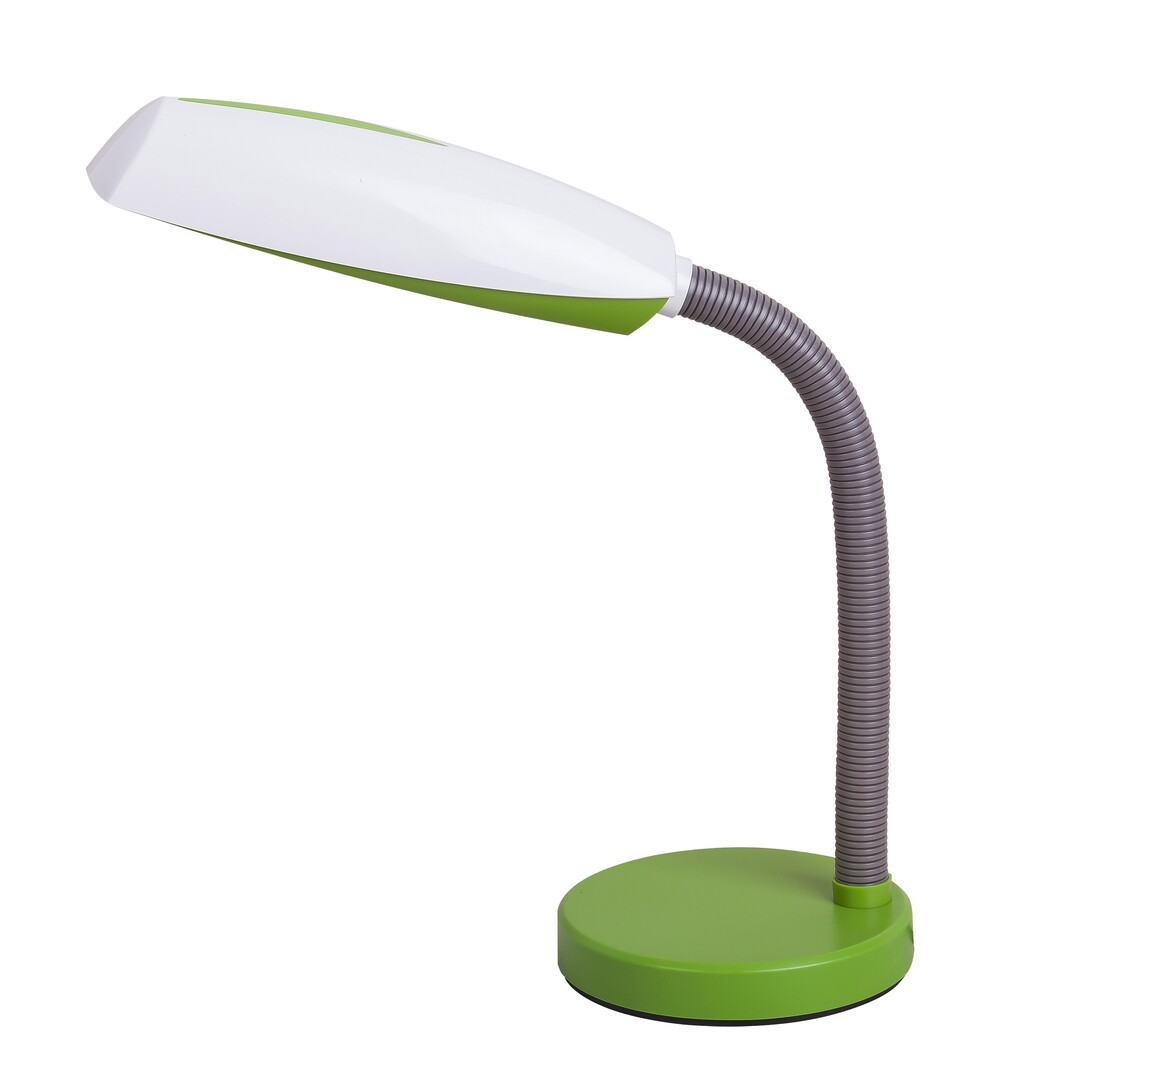 Rábalux 4154 Dean, íróasztali lámpa, E27 1x MAX 15W, zöld/ fehér